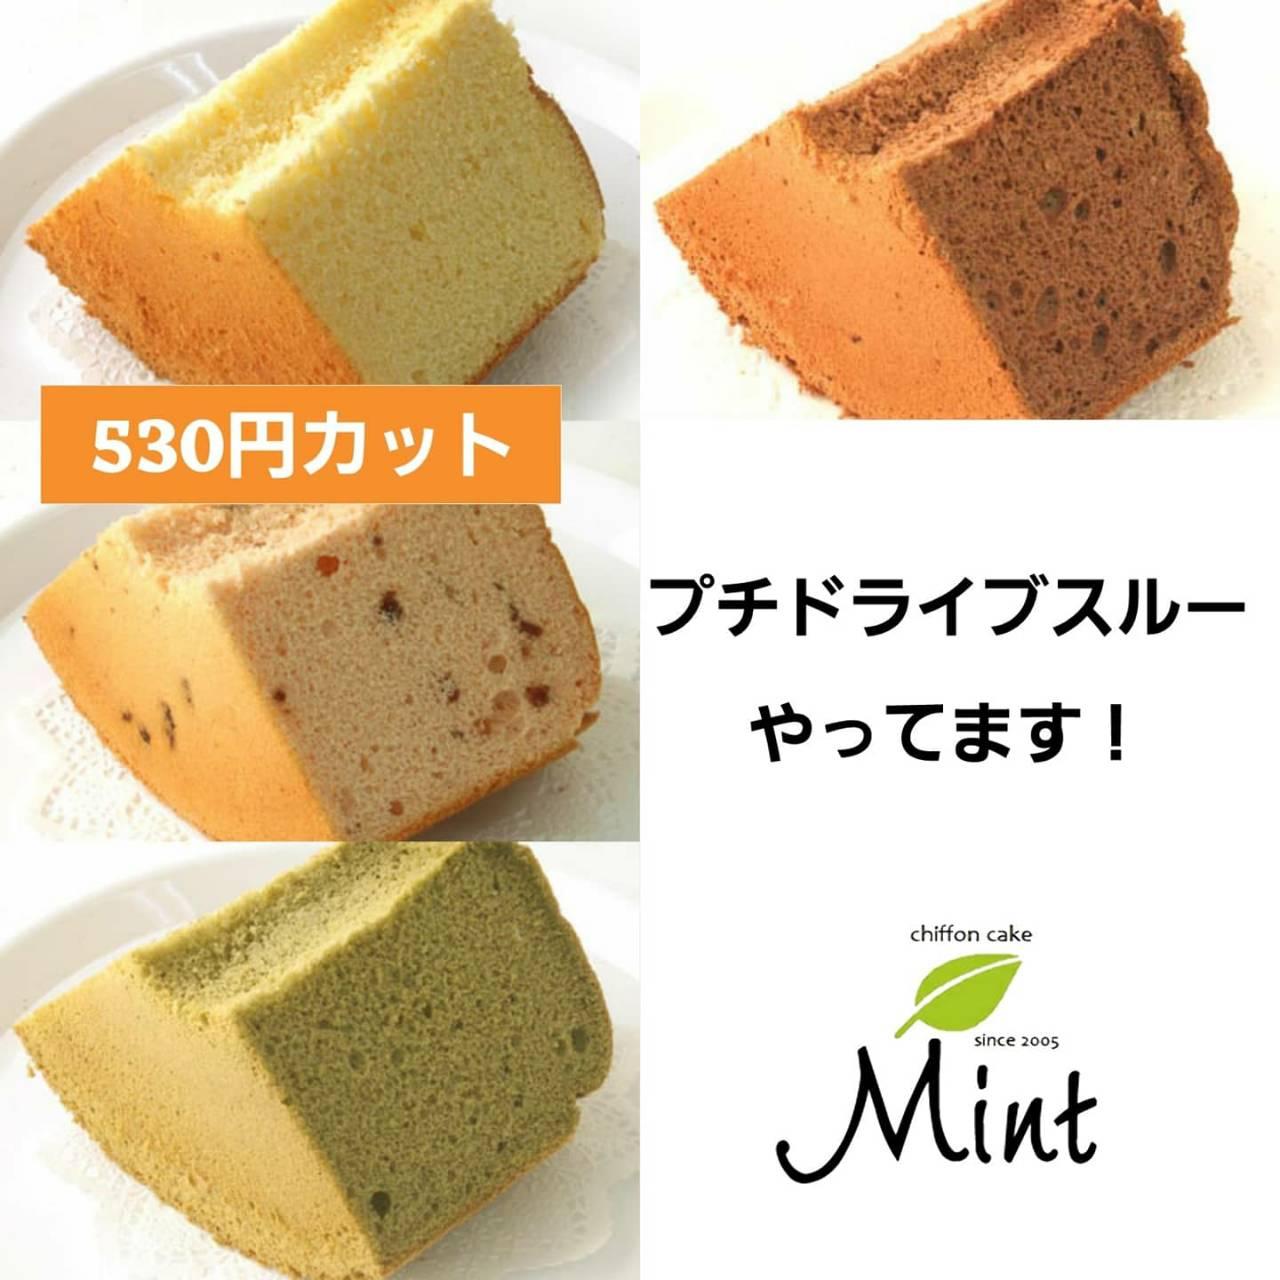 シフォンケーキ Mint